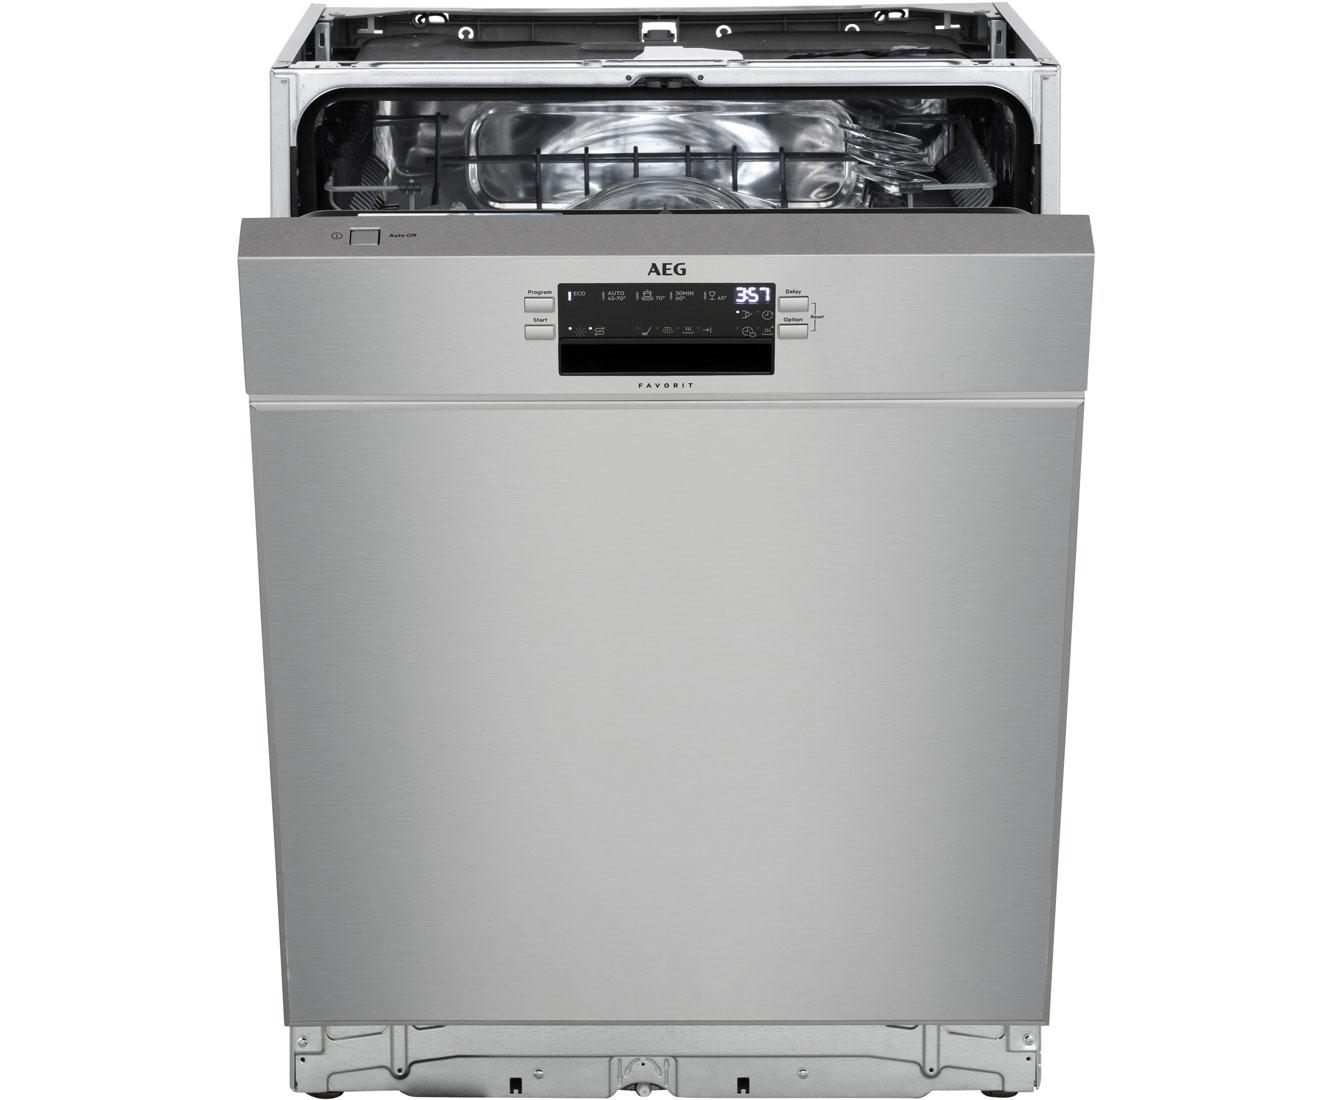 Aeg Kühlschrank Ohne Gefrierfach Unterbaufähig : Aeg favorit fus azm unterbau geschirrspüler cm edelstahl a